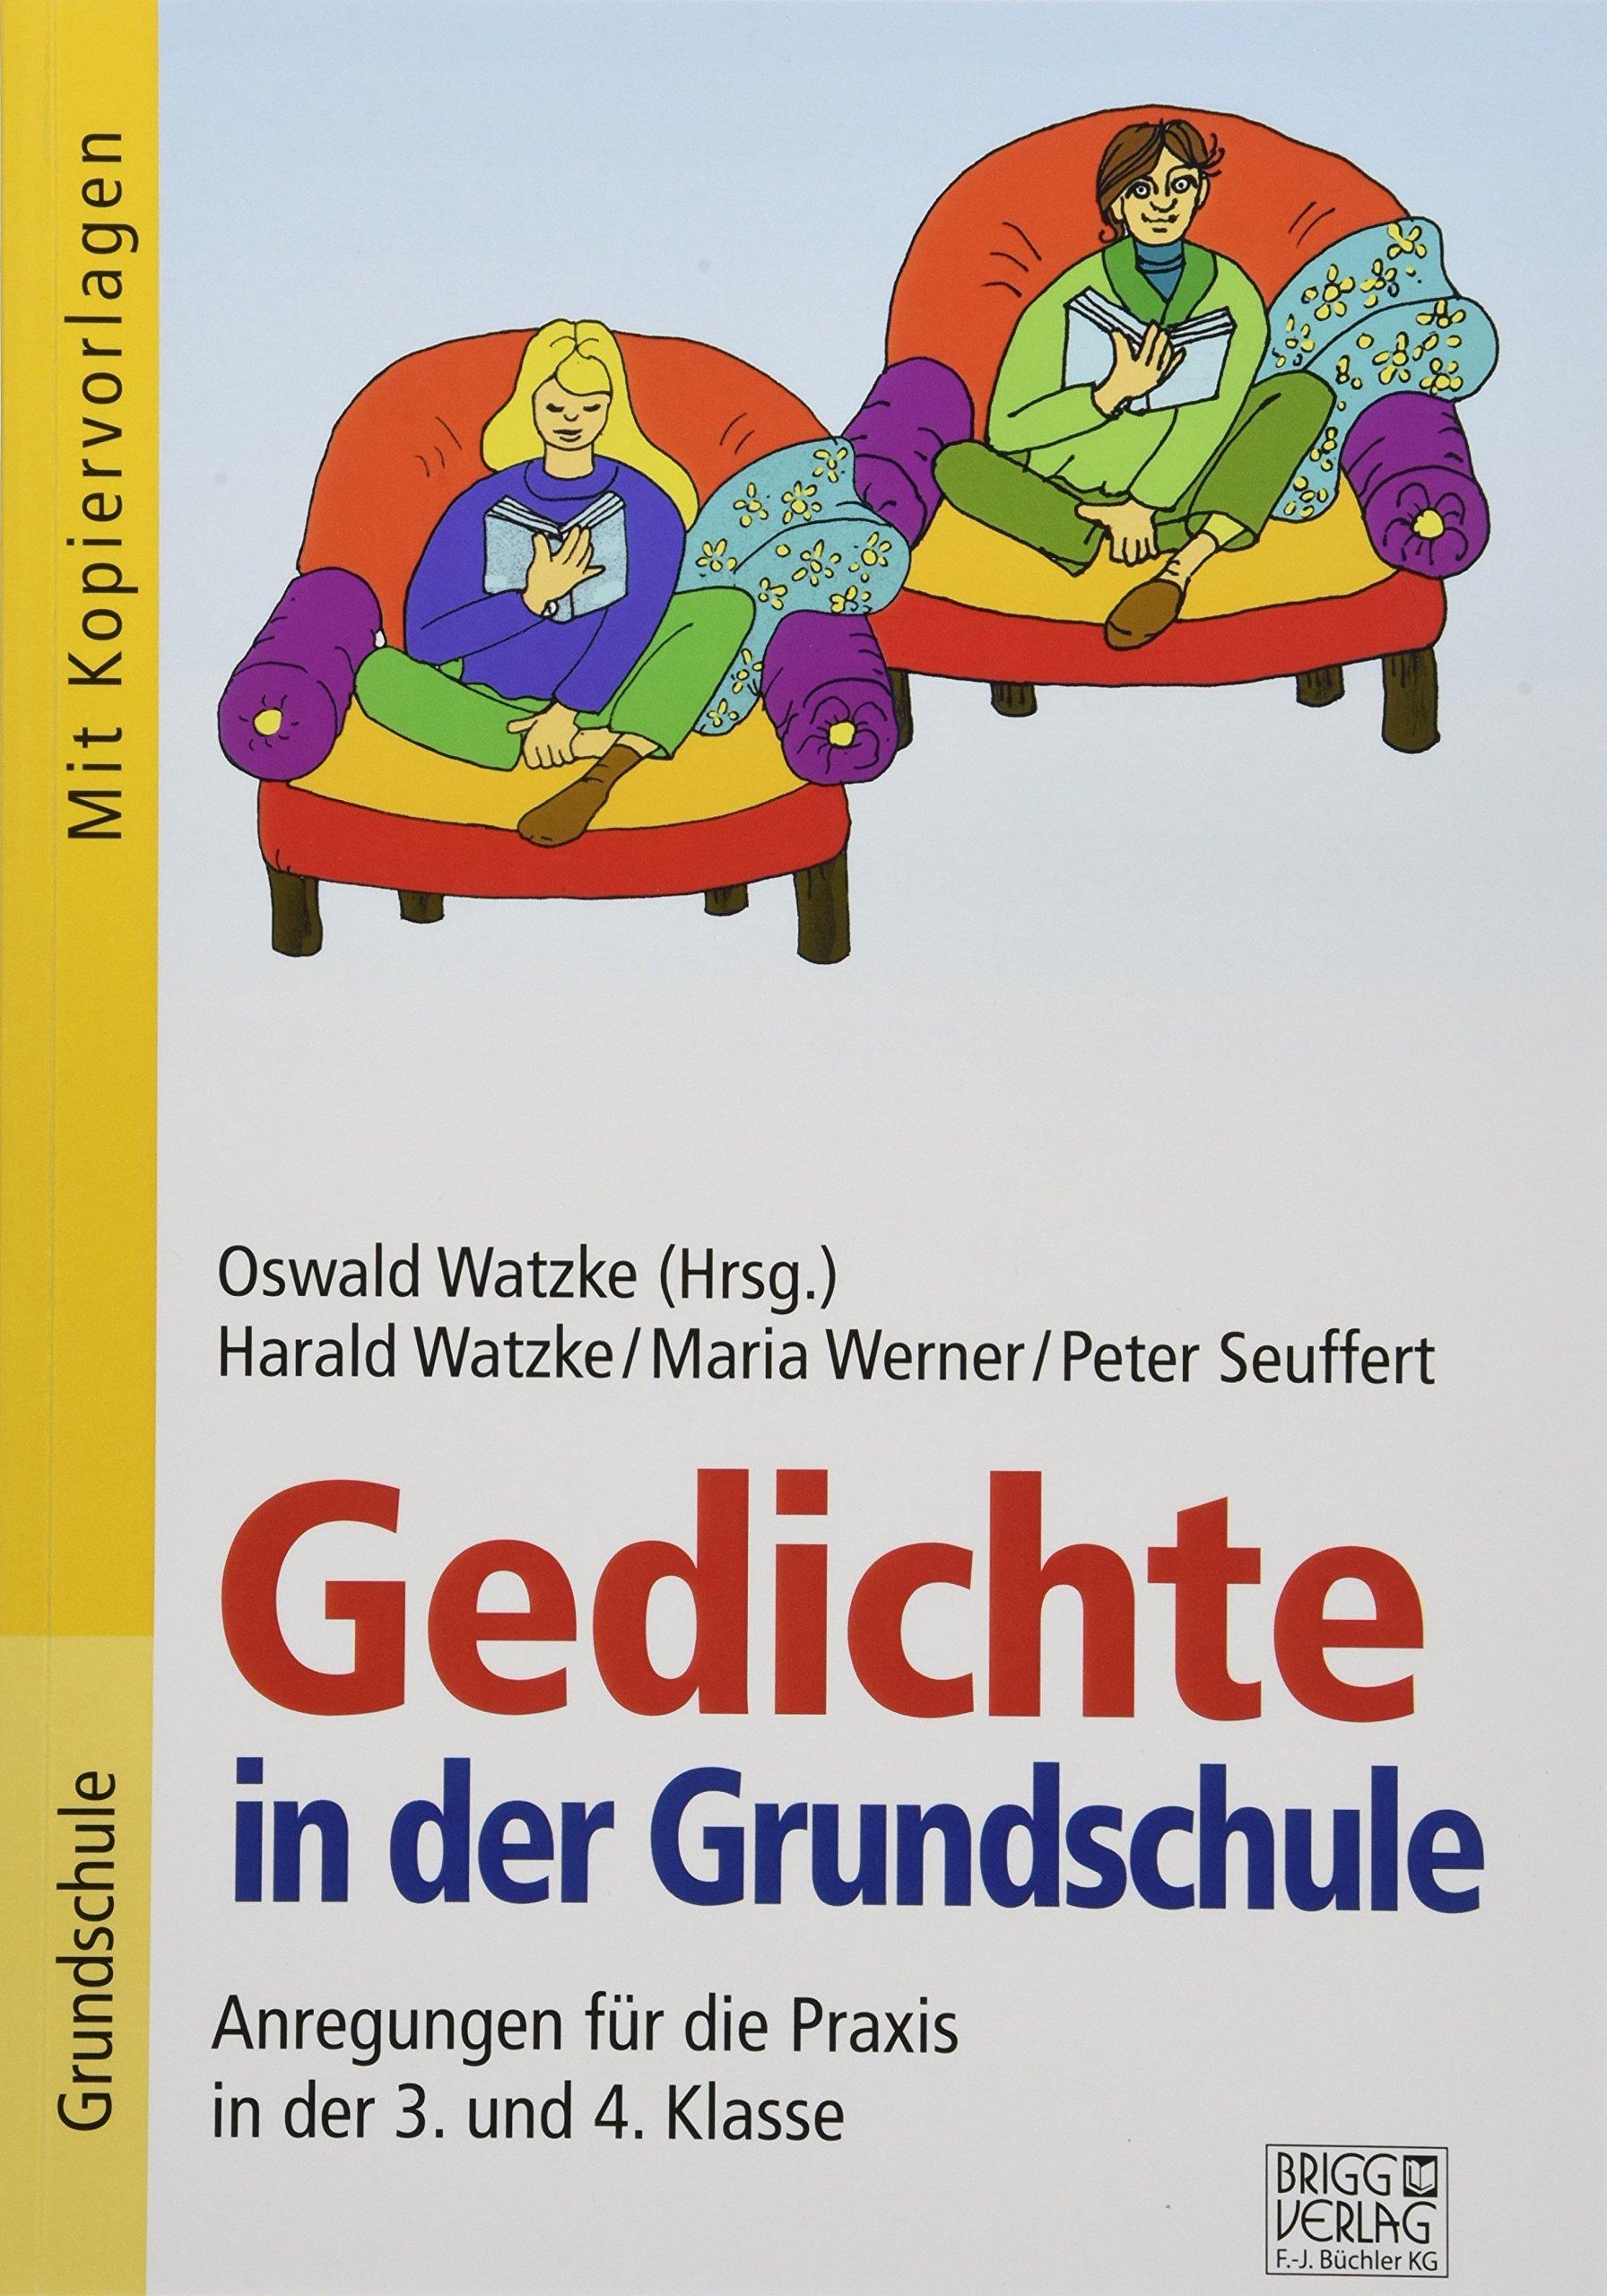 Gedichte In Der Grundschule 34 Klasse Anregungen Für Die